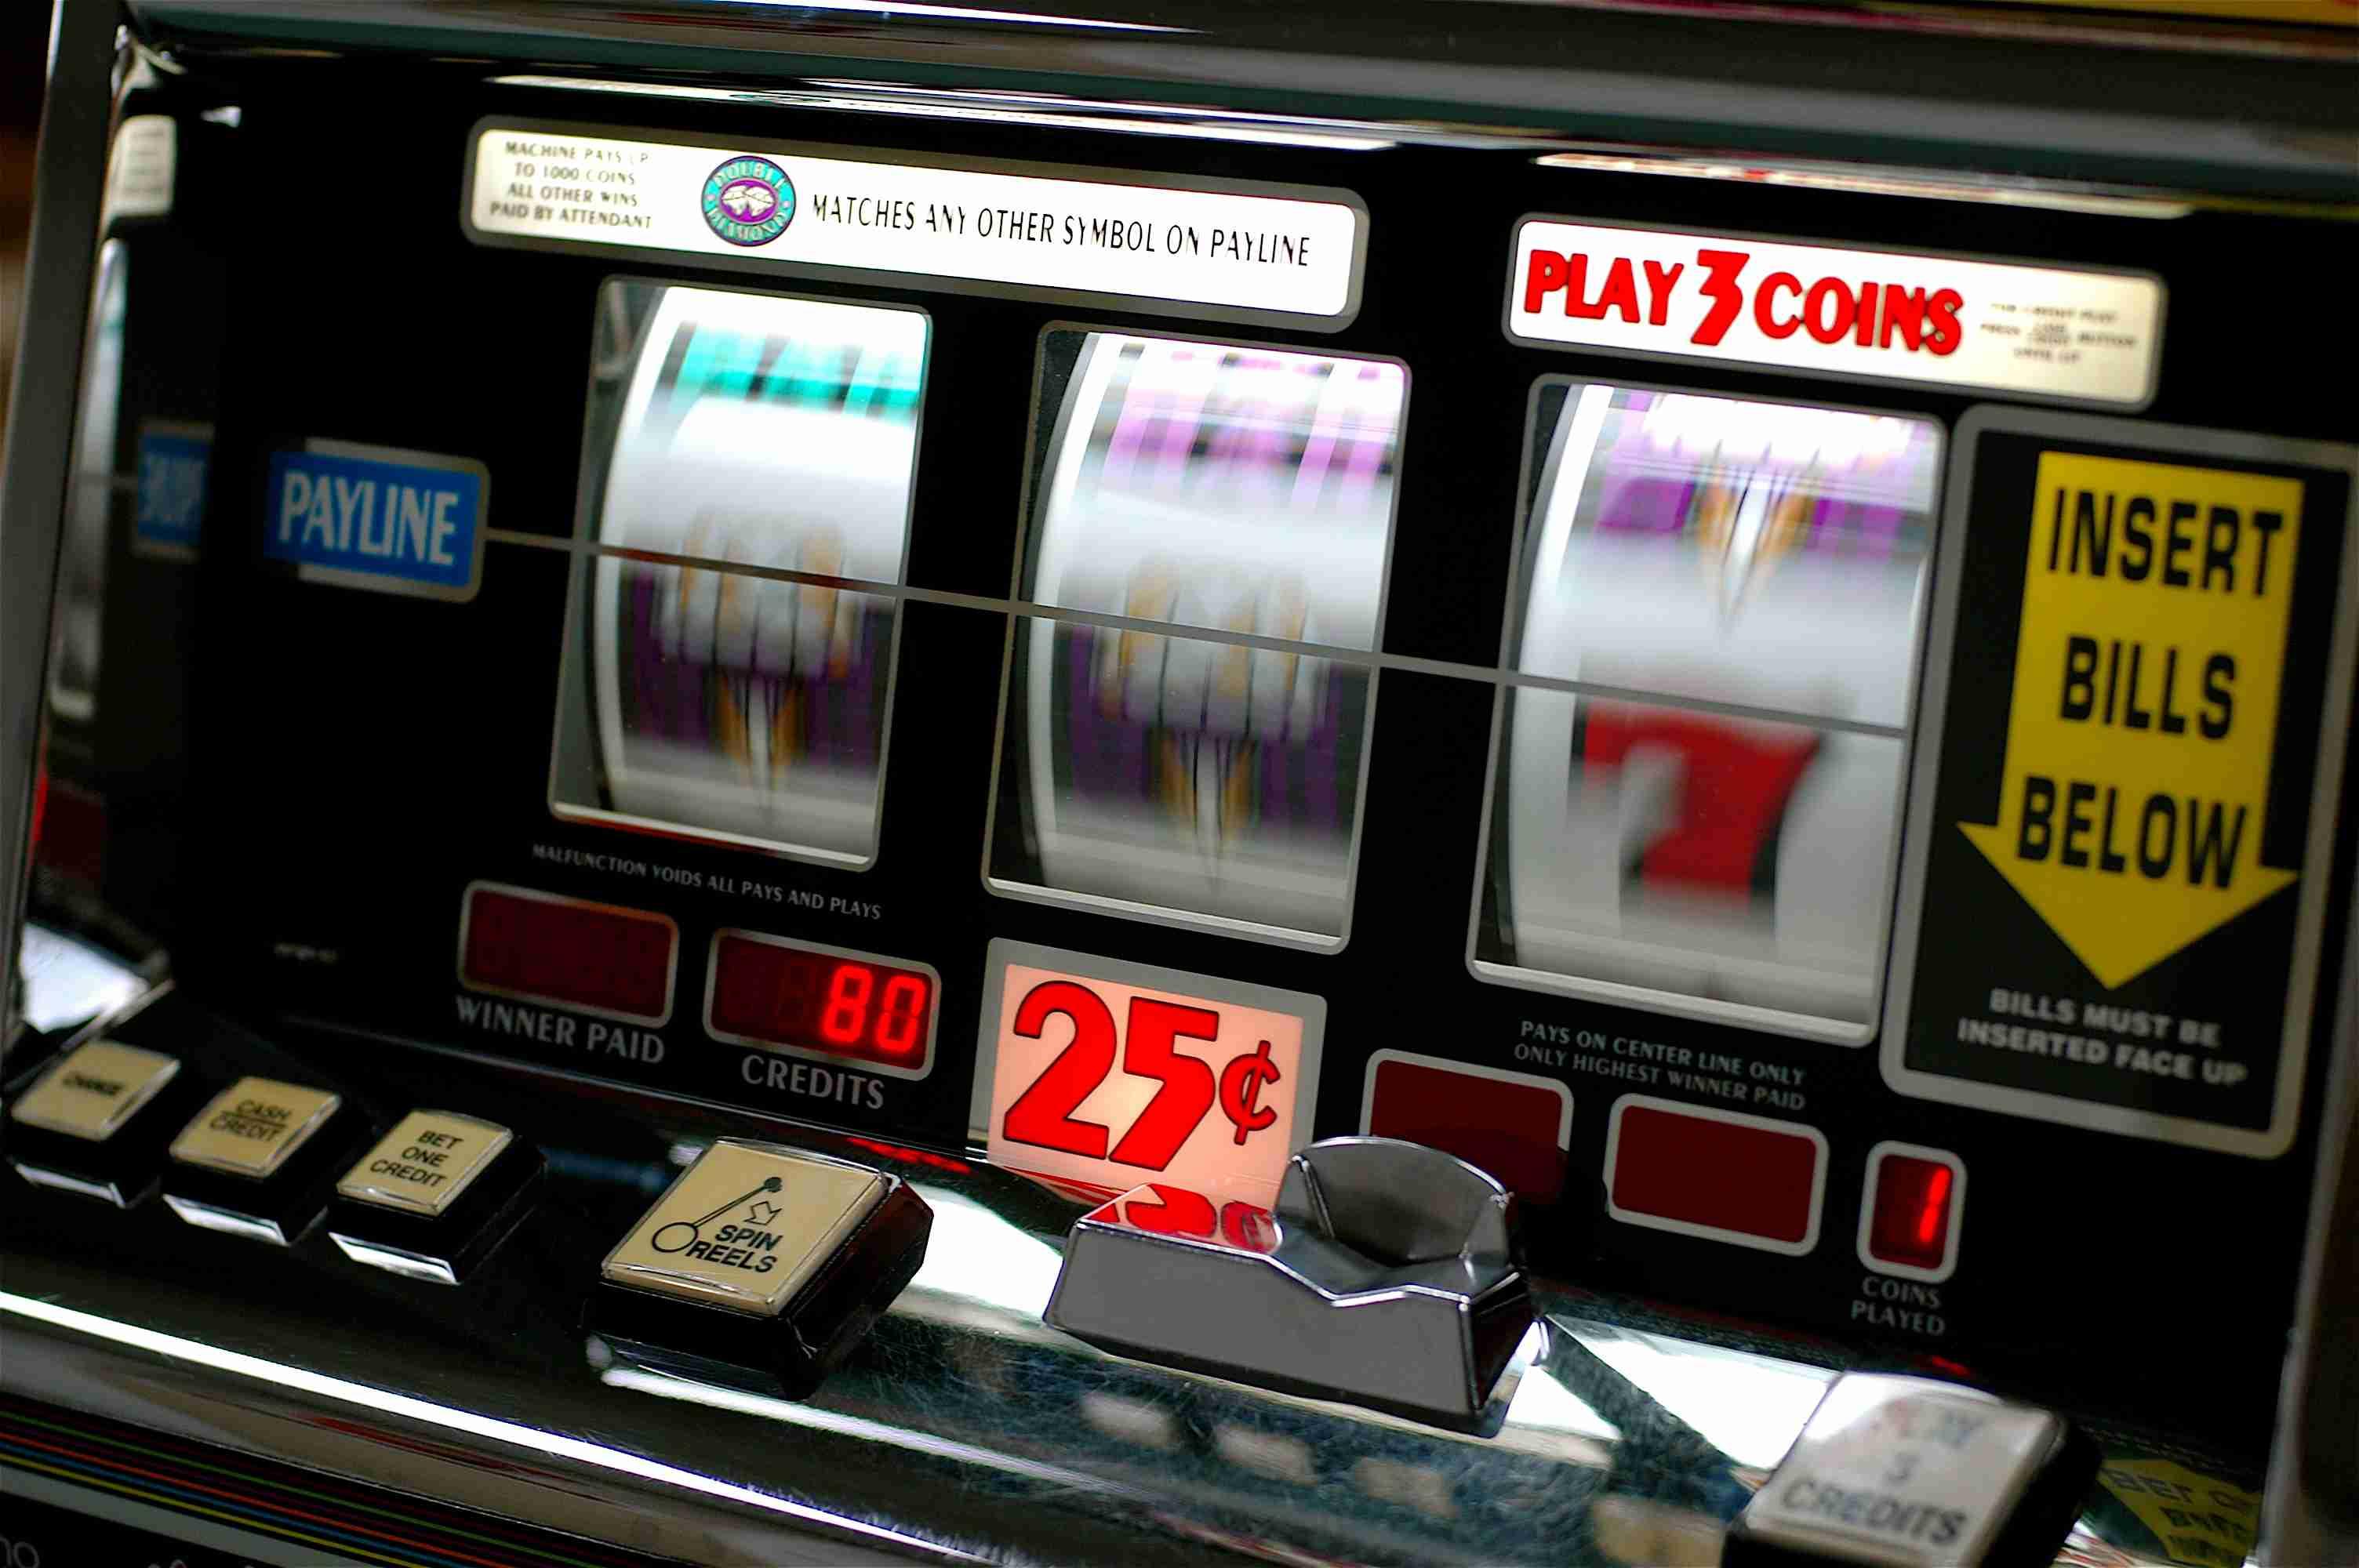 gioco d'azzardo ludopatia